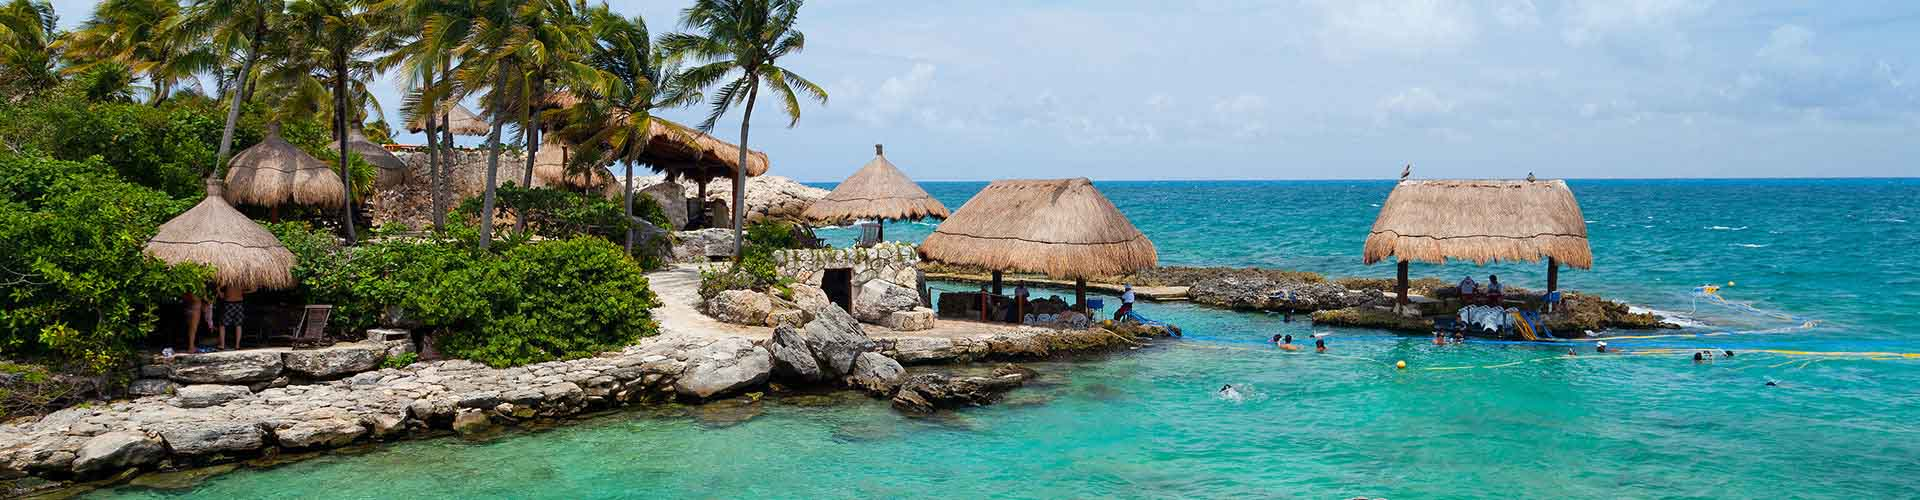 Cancun - Chambres à Cancun. Cartes pour Cancun, photos et commentaires pour chaque chambre à Cancun.